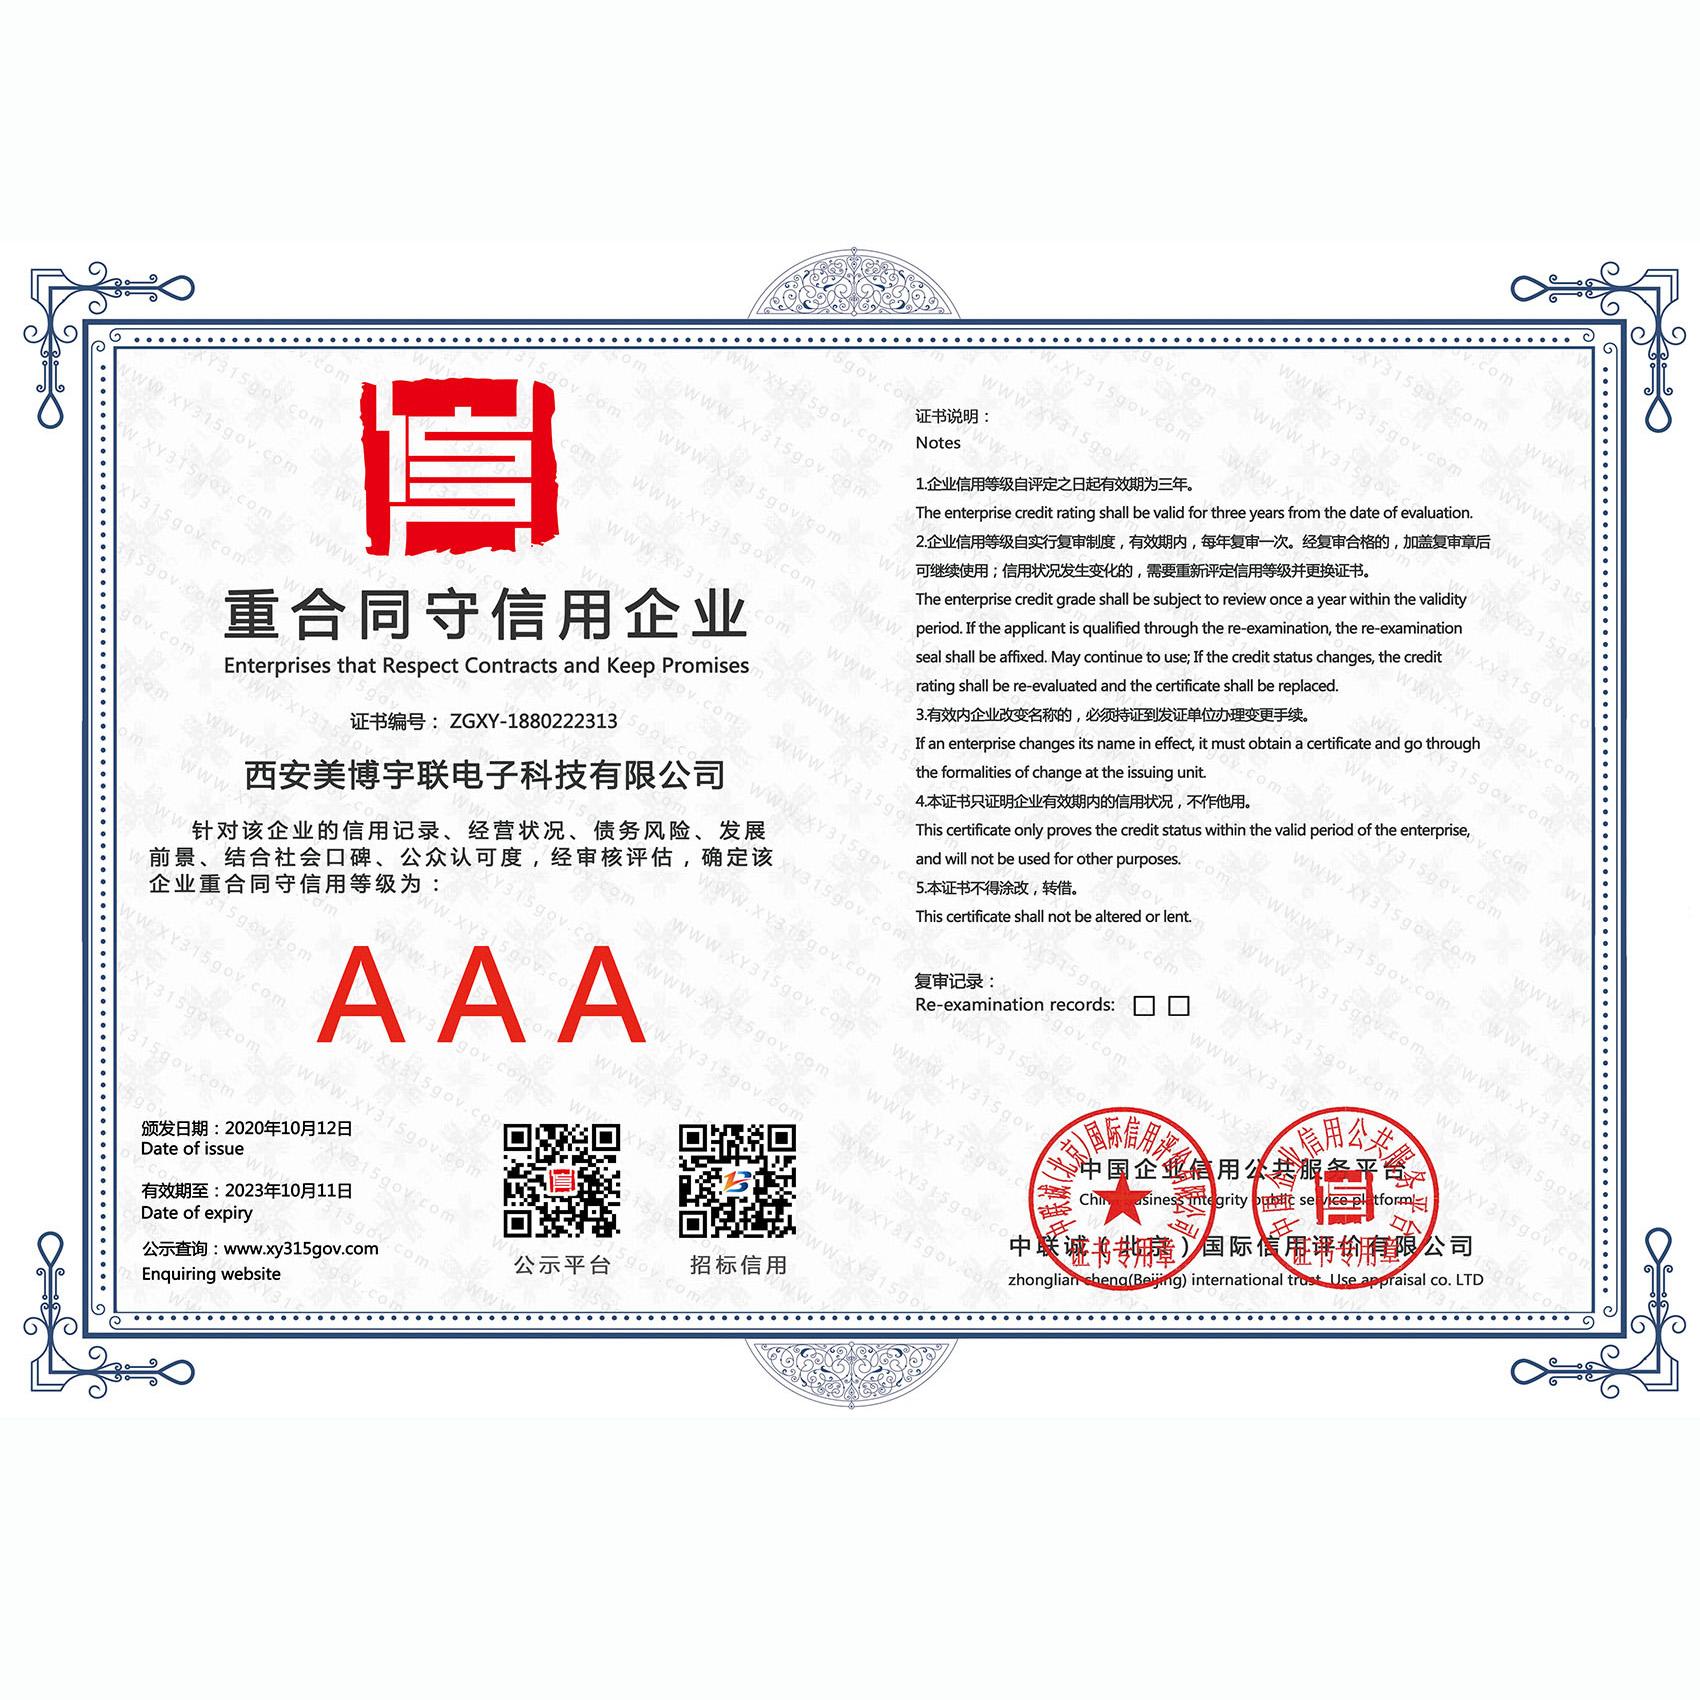 重条约取信誉品级证书